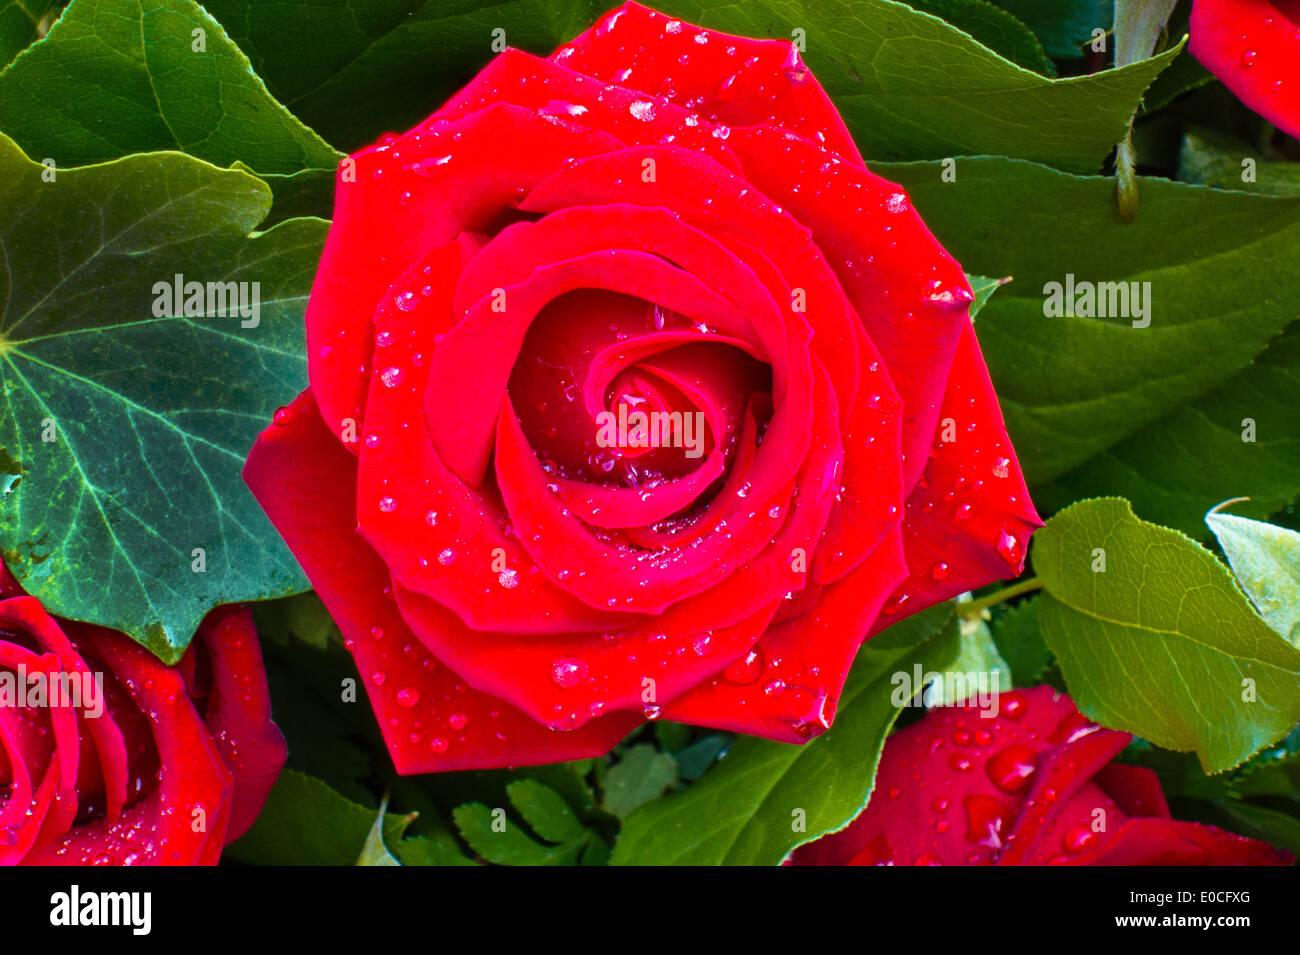 A red rose with drop of fresh rope., Eine rote Rose mit Tropfen von frischem Tau. Stock Photo